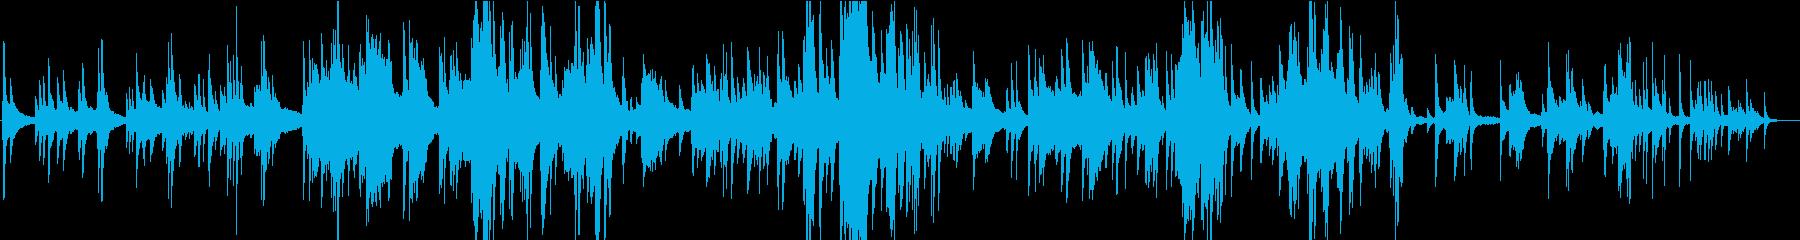 ソロピアノ。エレガントでシンプル、...の再生済みの波形